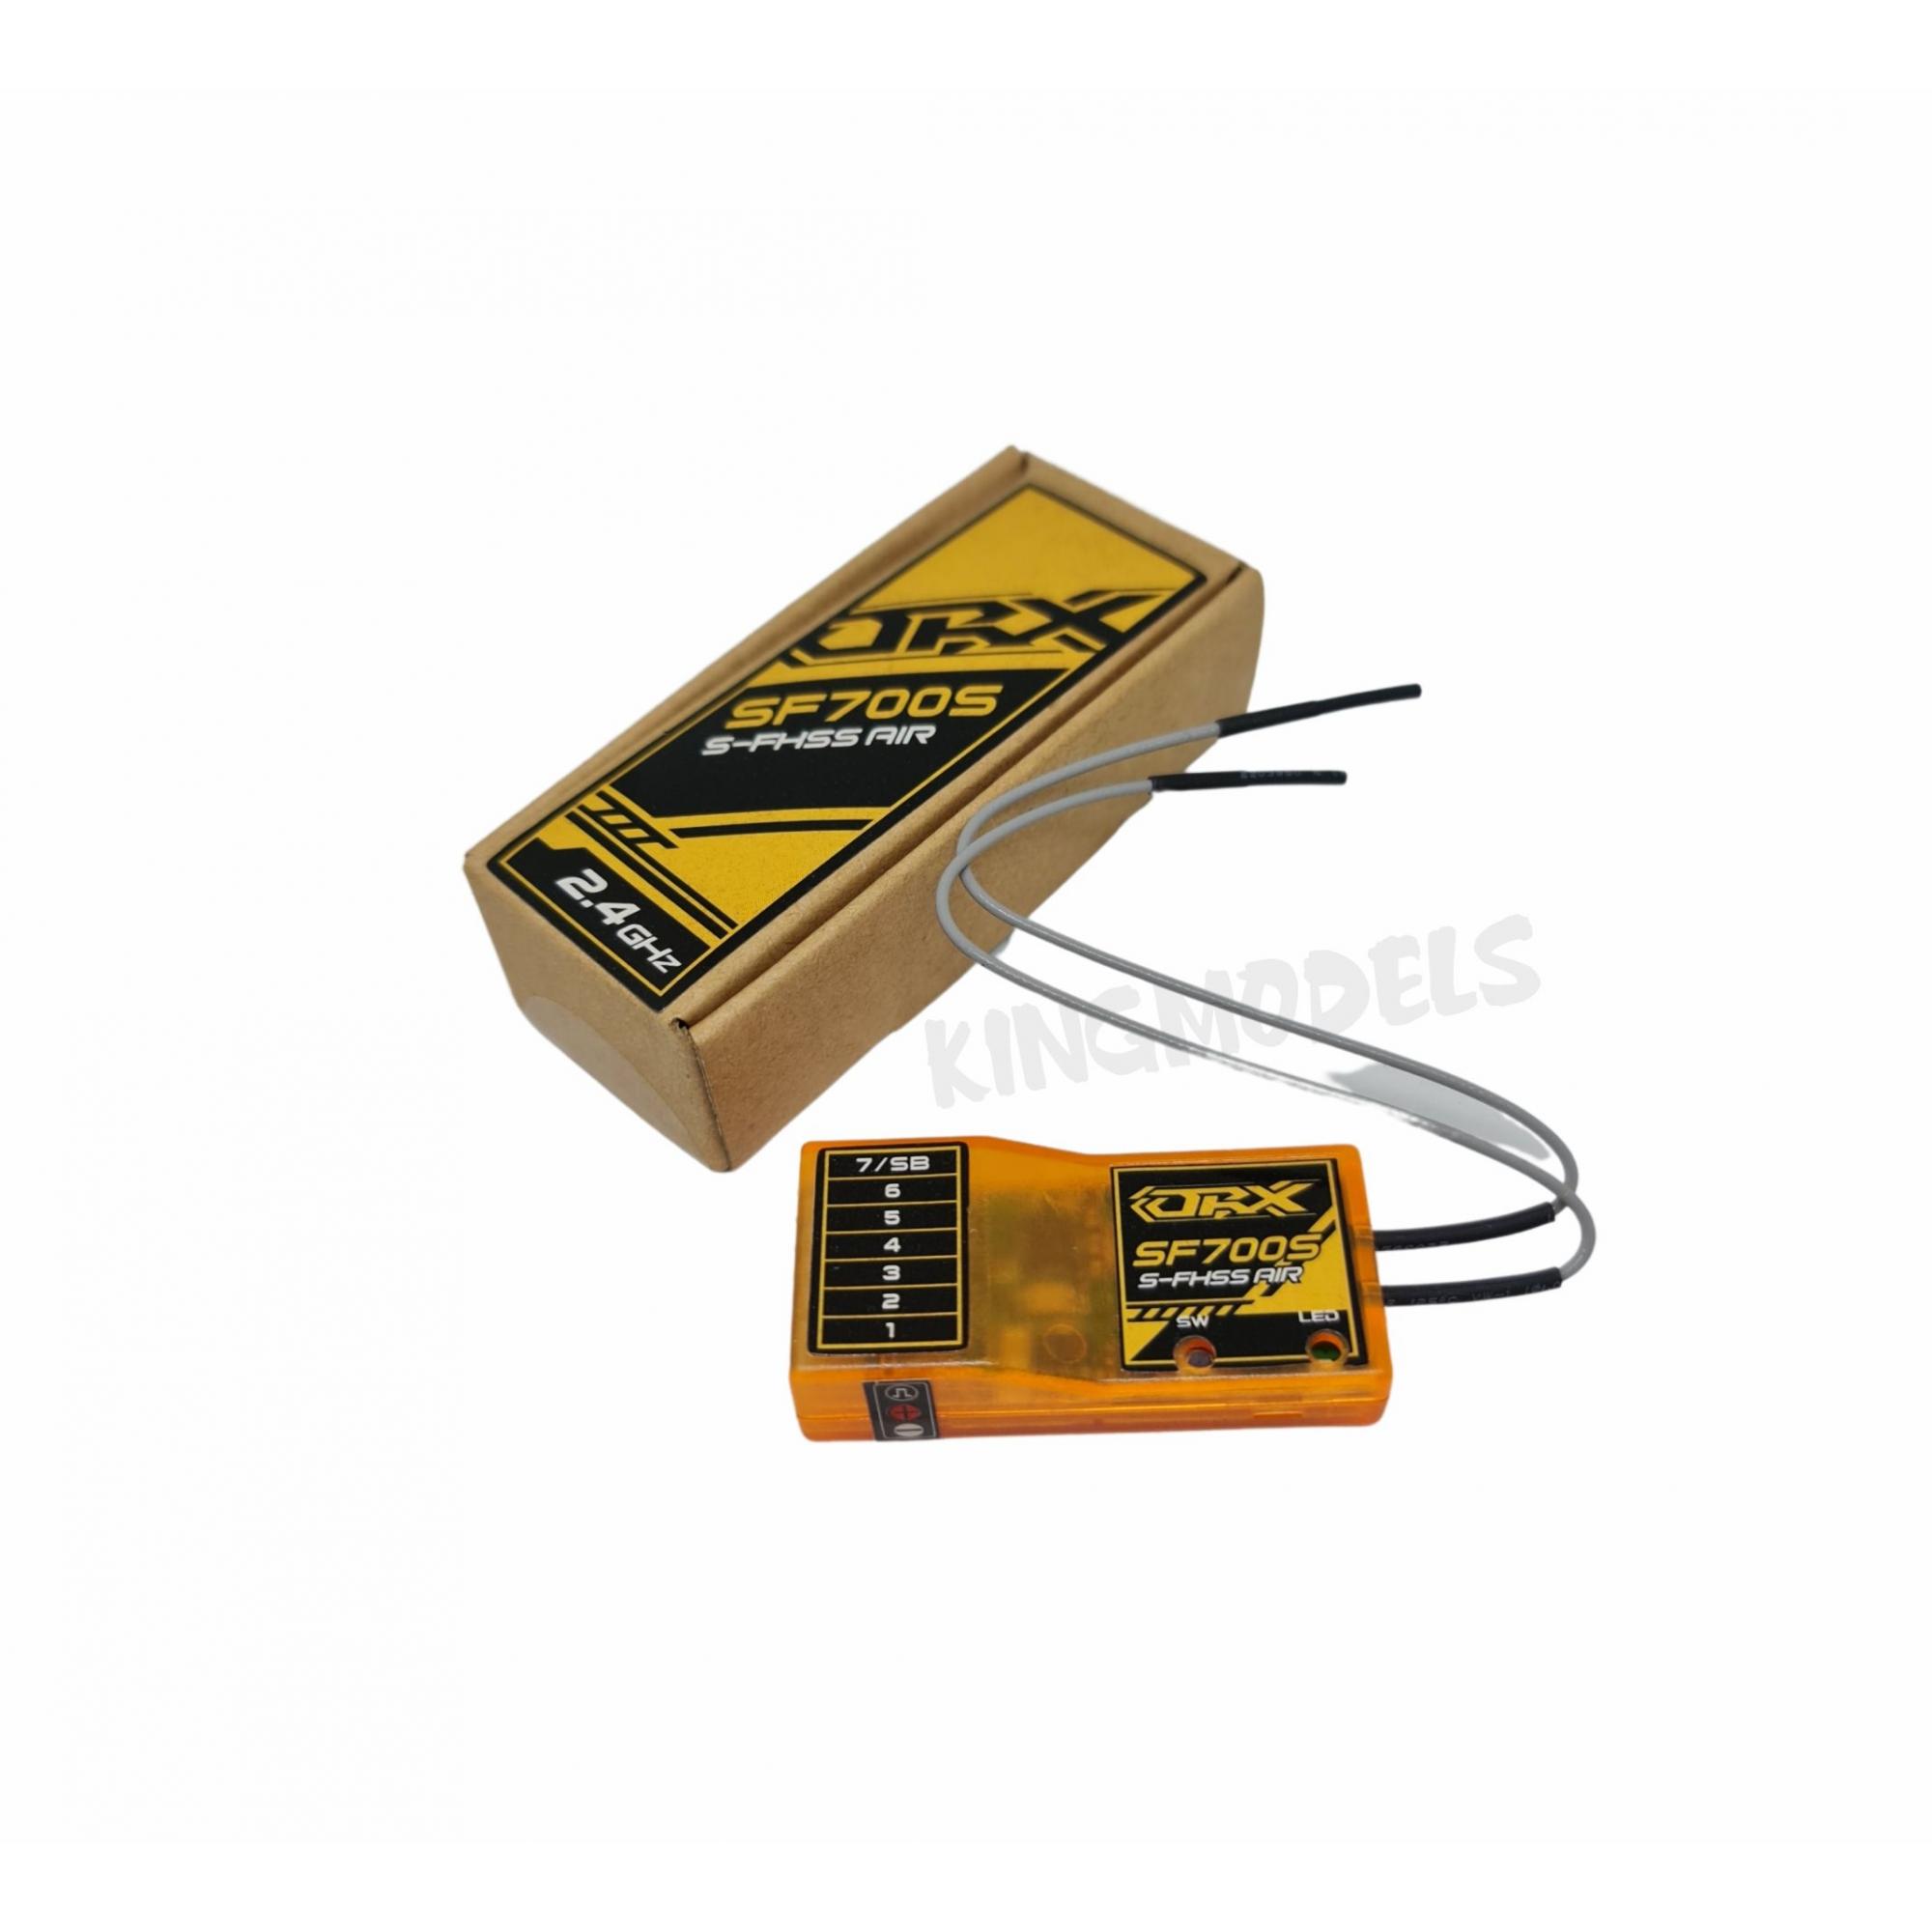 Micro Receptor Orange Futaba-7ch-2.4ghz-sf700s-fhss-s.bus/hv  - King Models